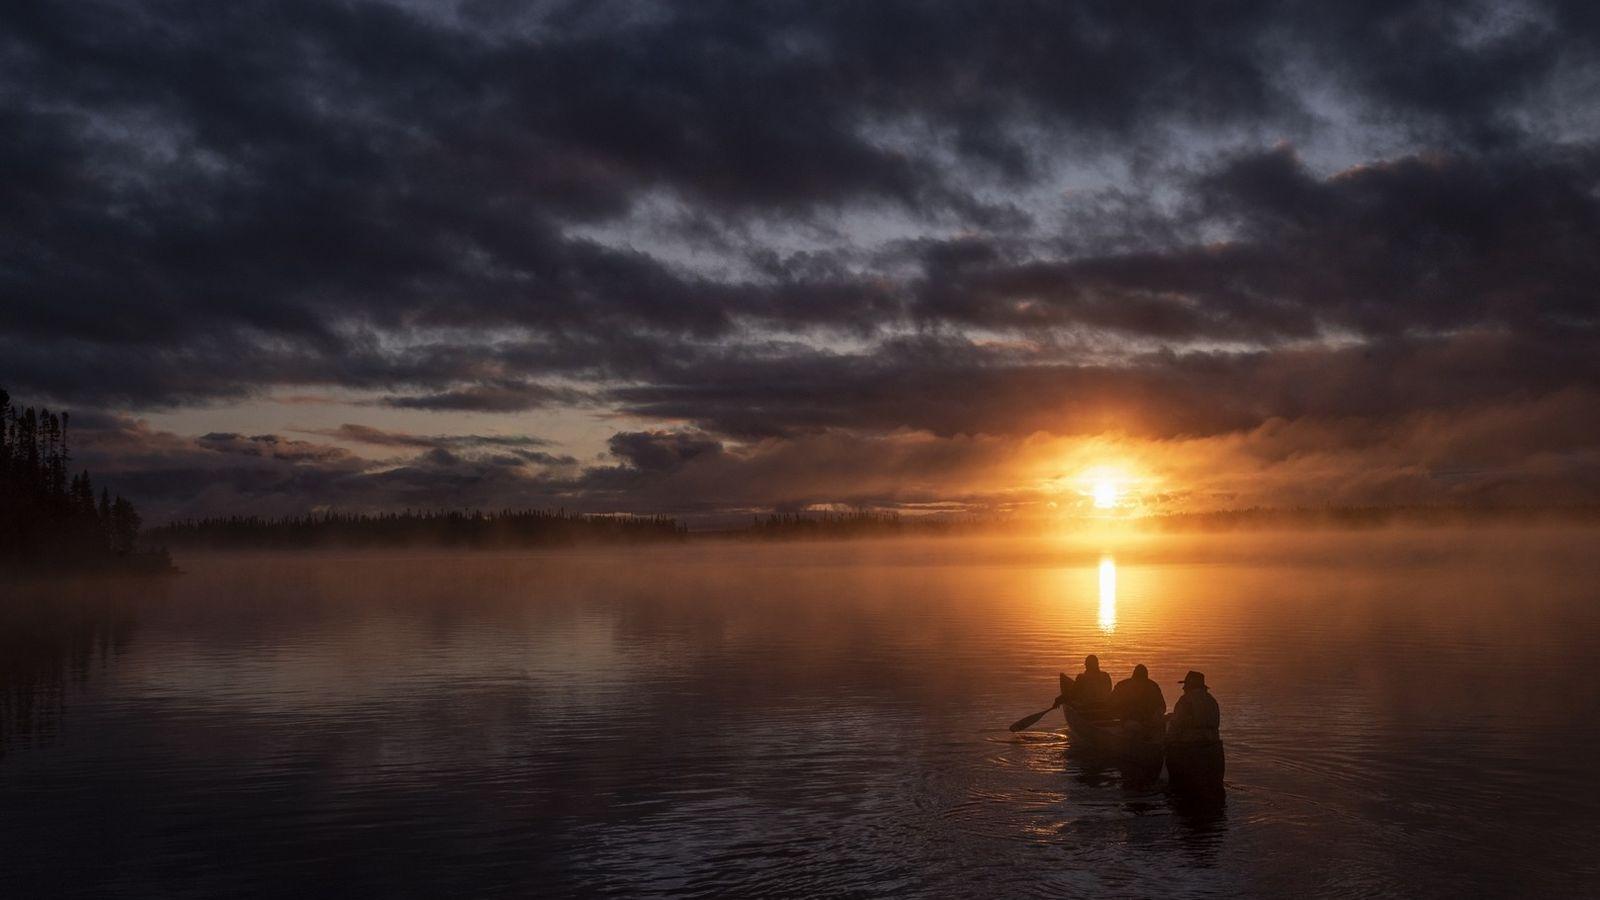 Kanu fahren auf dem Lake Opemisca im Sonnenuntergang, ganz in der Nähe der Cree-Gemeinschaft von Oujé-Bougoumou ...